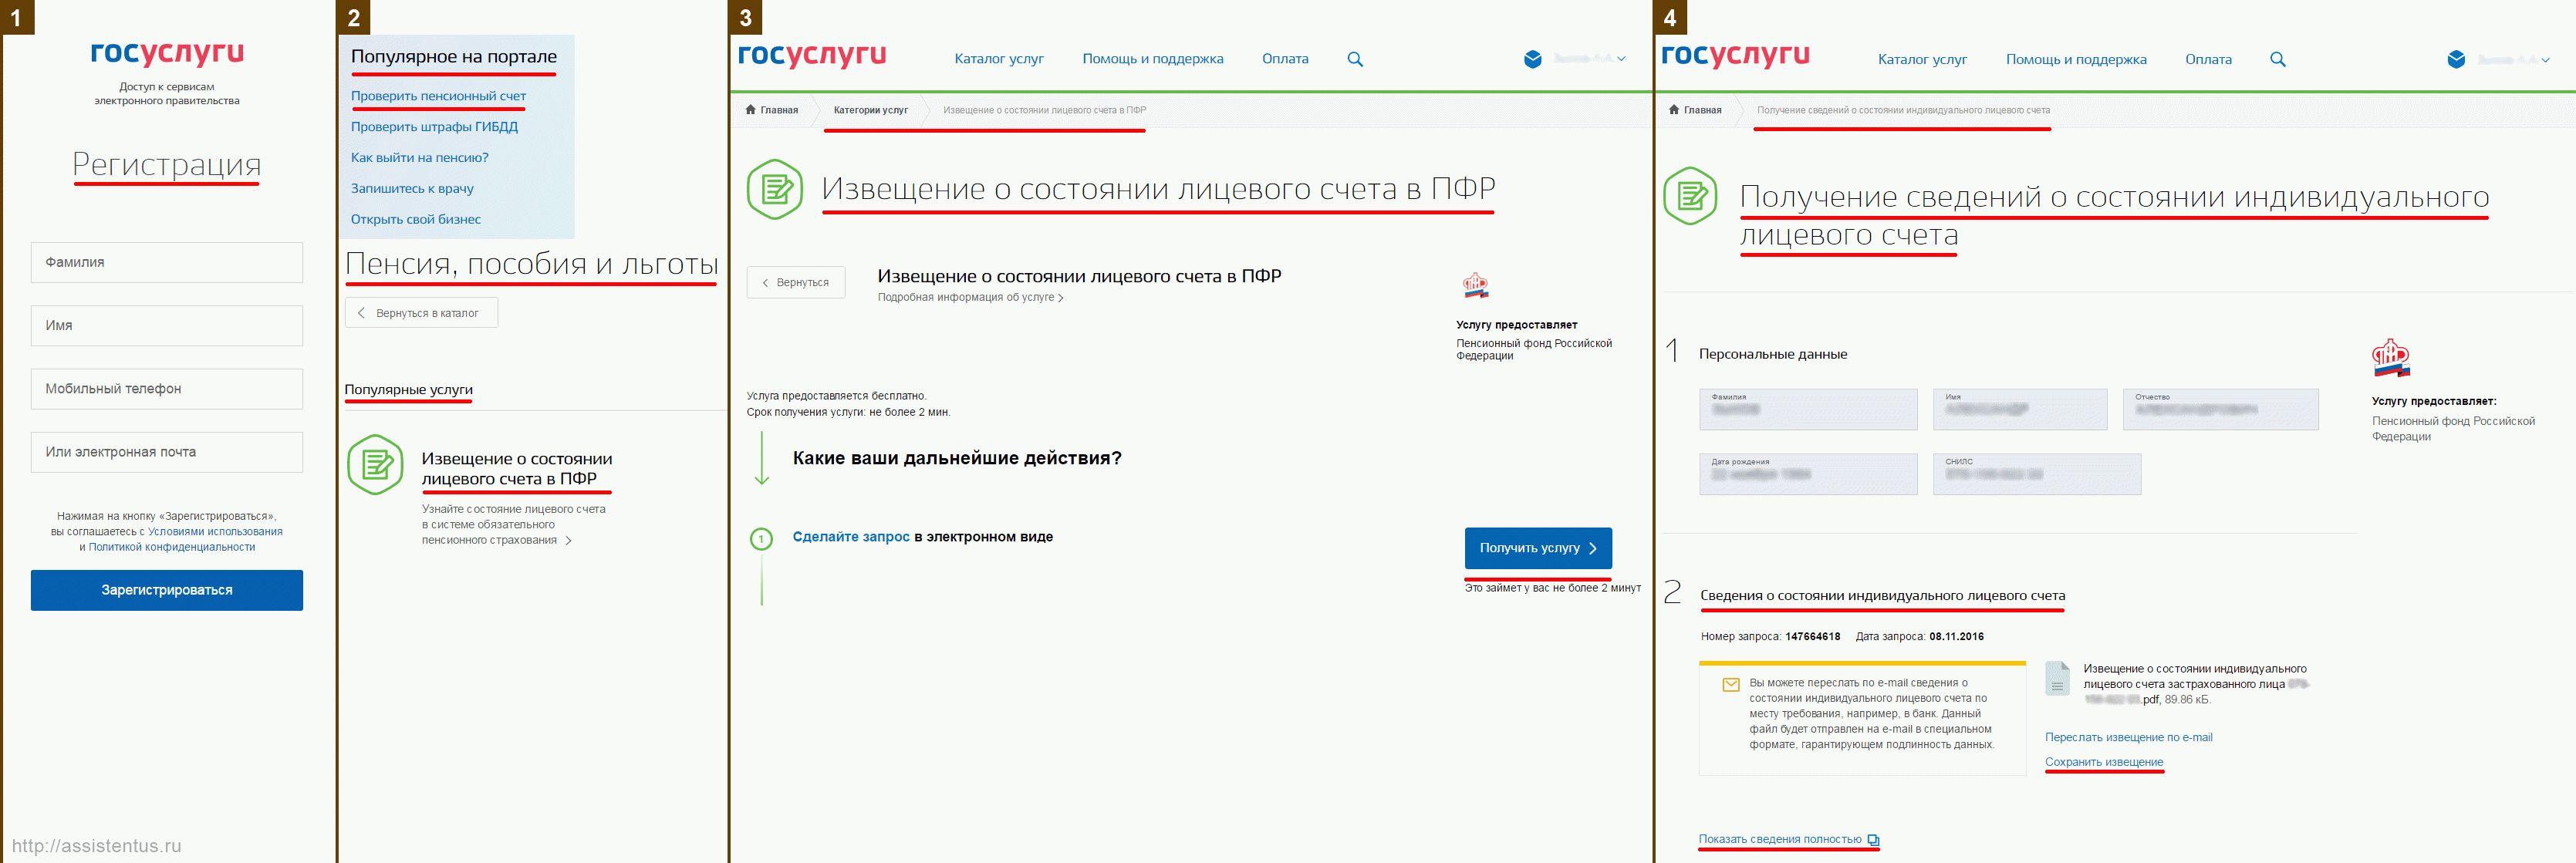 Пенсионный фонд нпф казахстан личный кабинет как проверить как рассчитать пенсию для мужчины 1967 года рождения